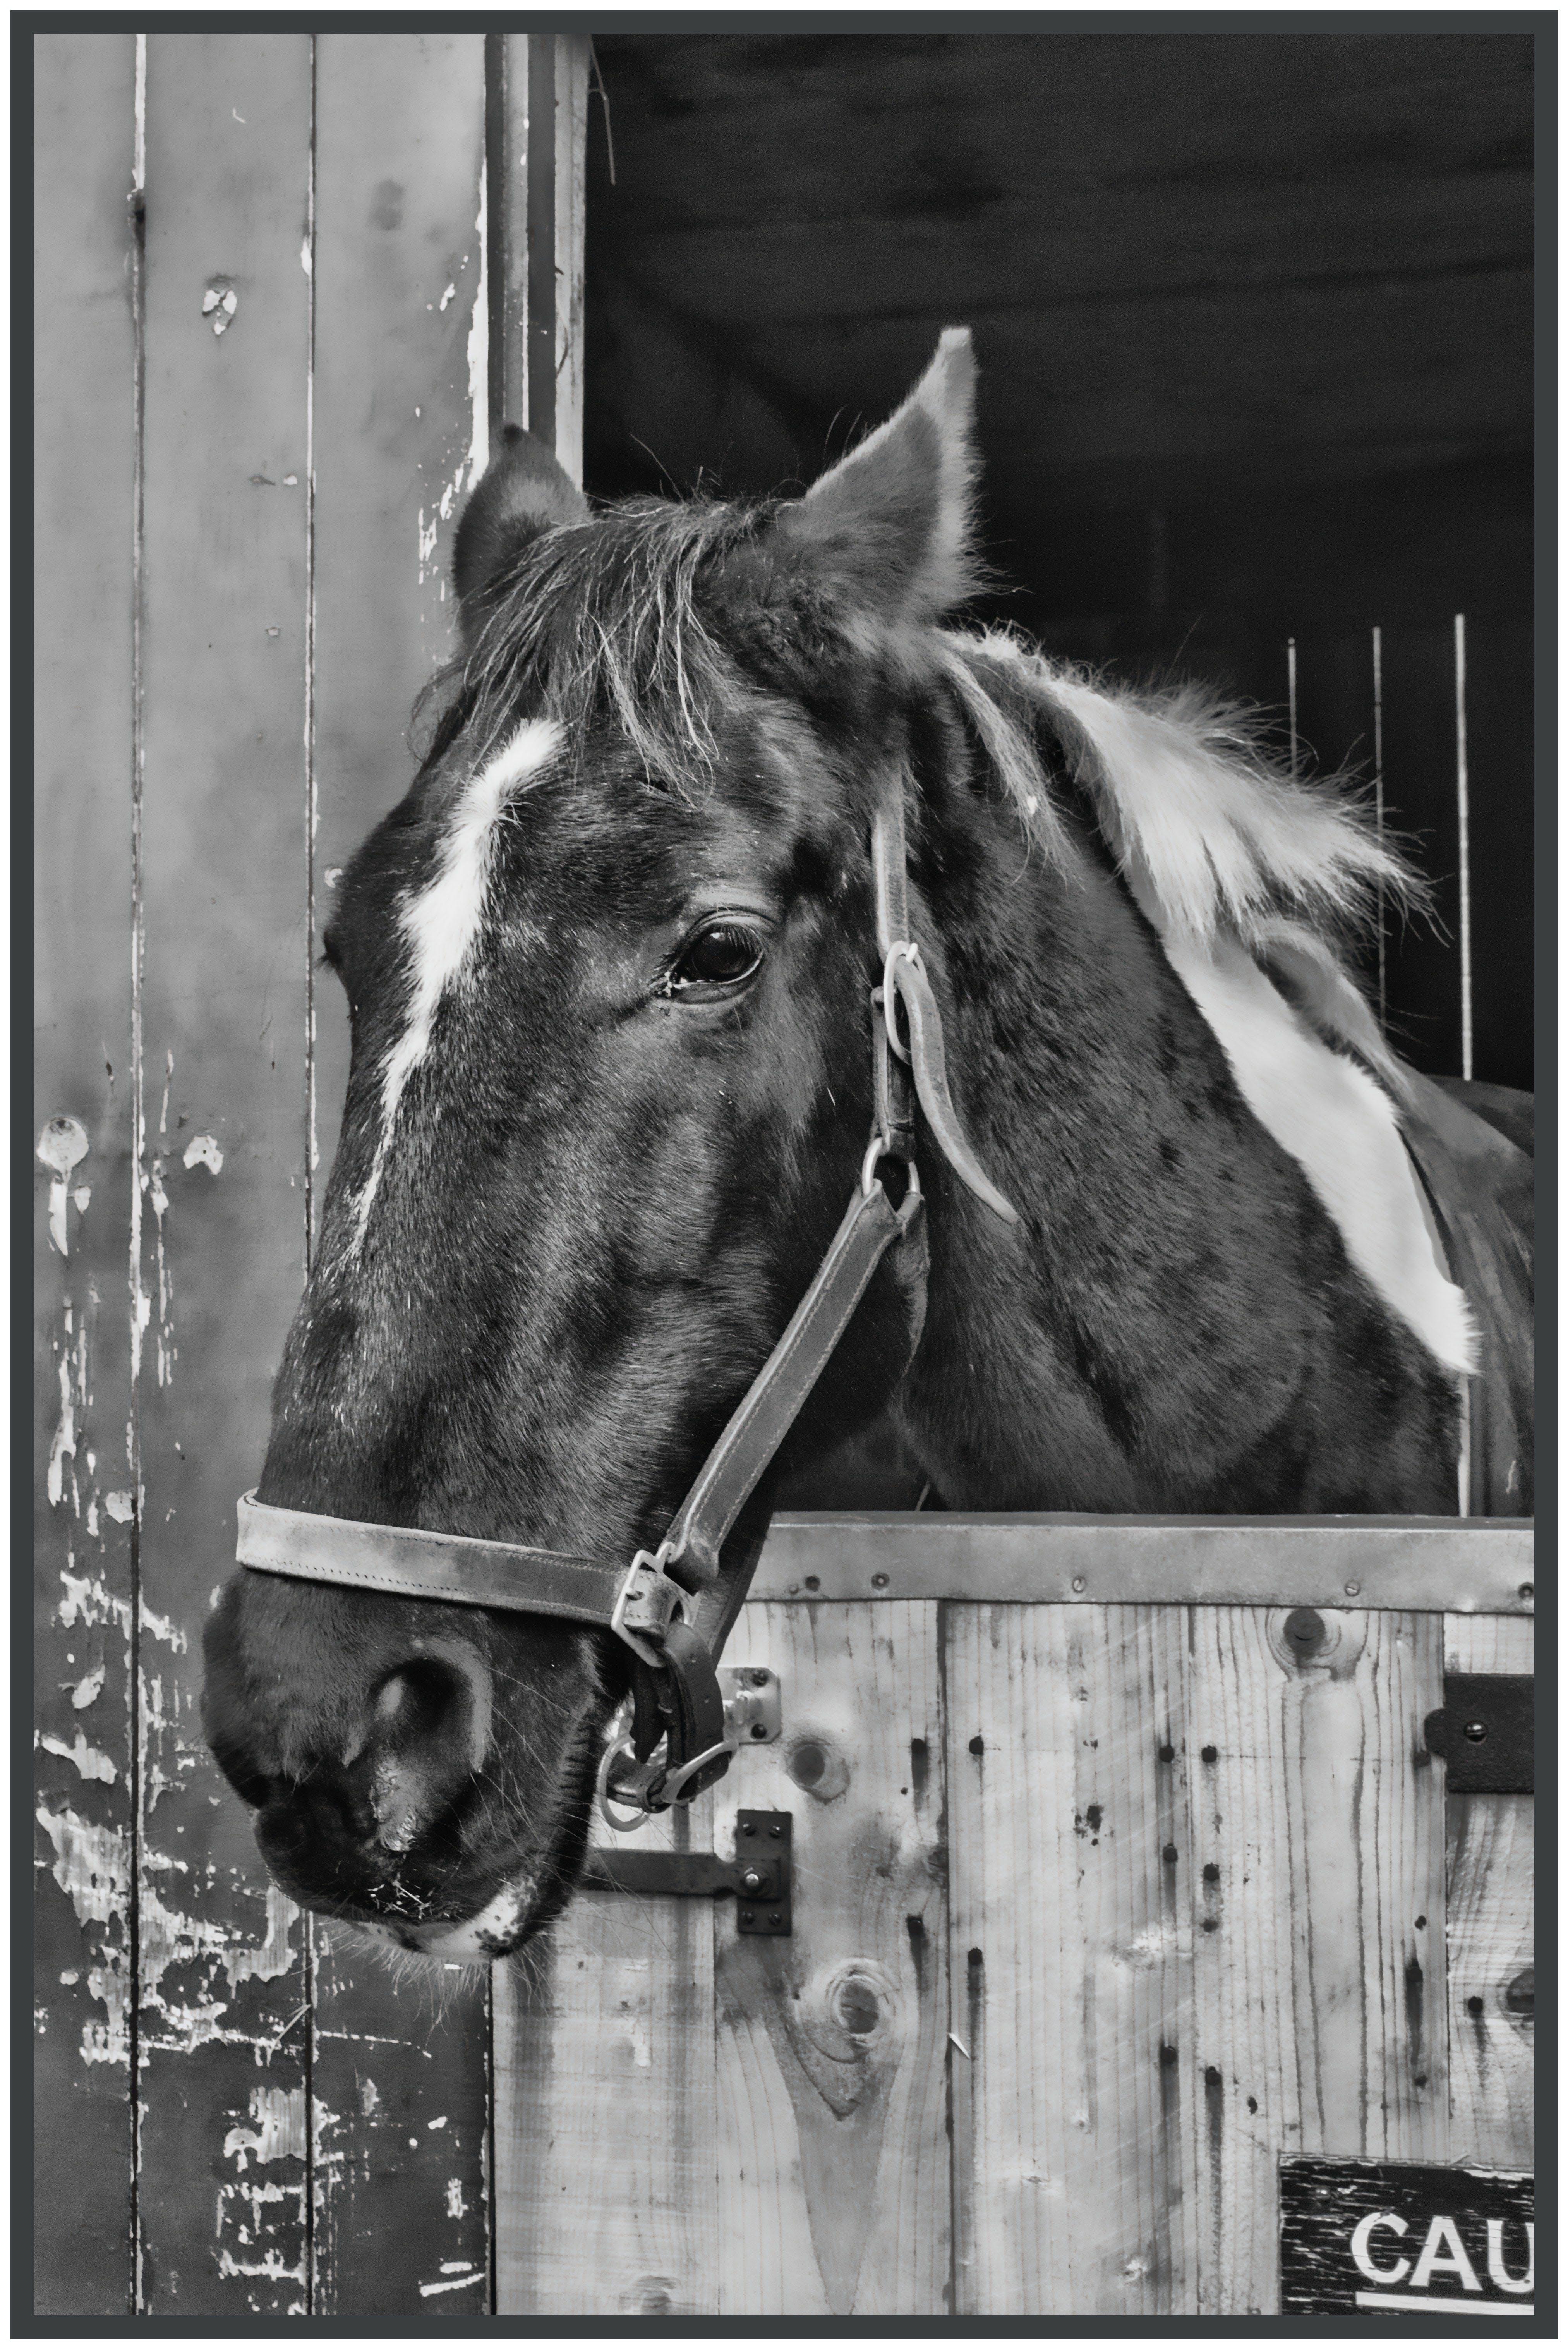 고삐, 마개, 마구간, 말의 무료 스톡 사진